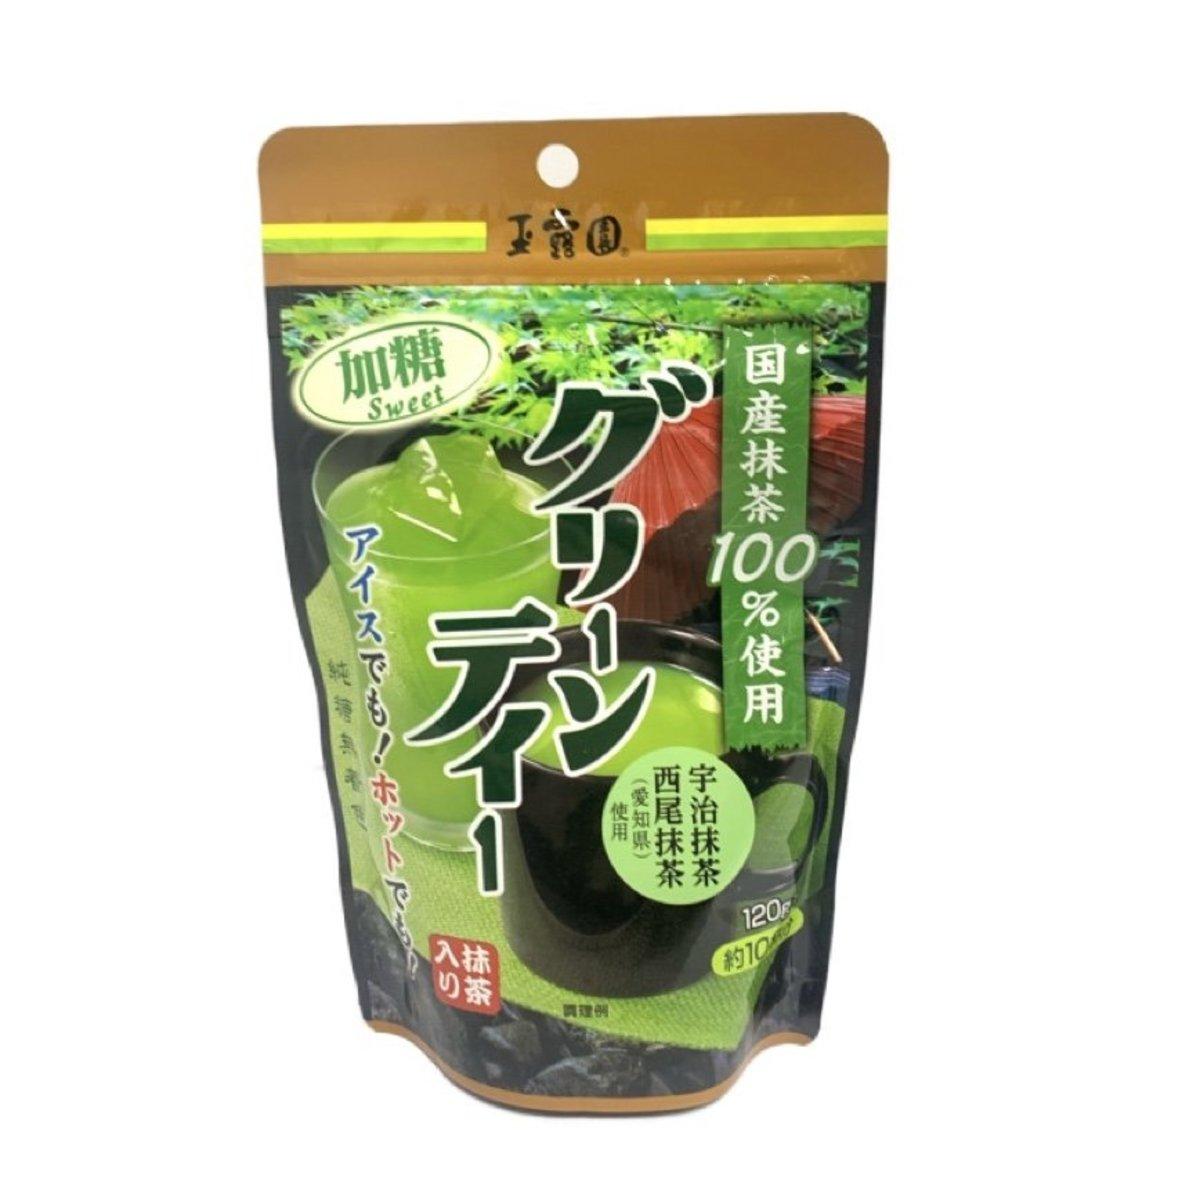 玉露園 抹茶粉(120克)